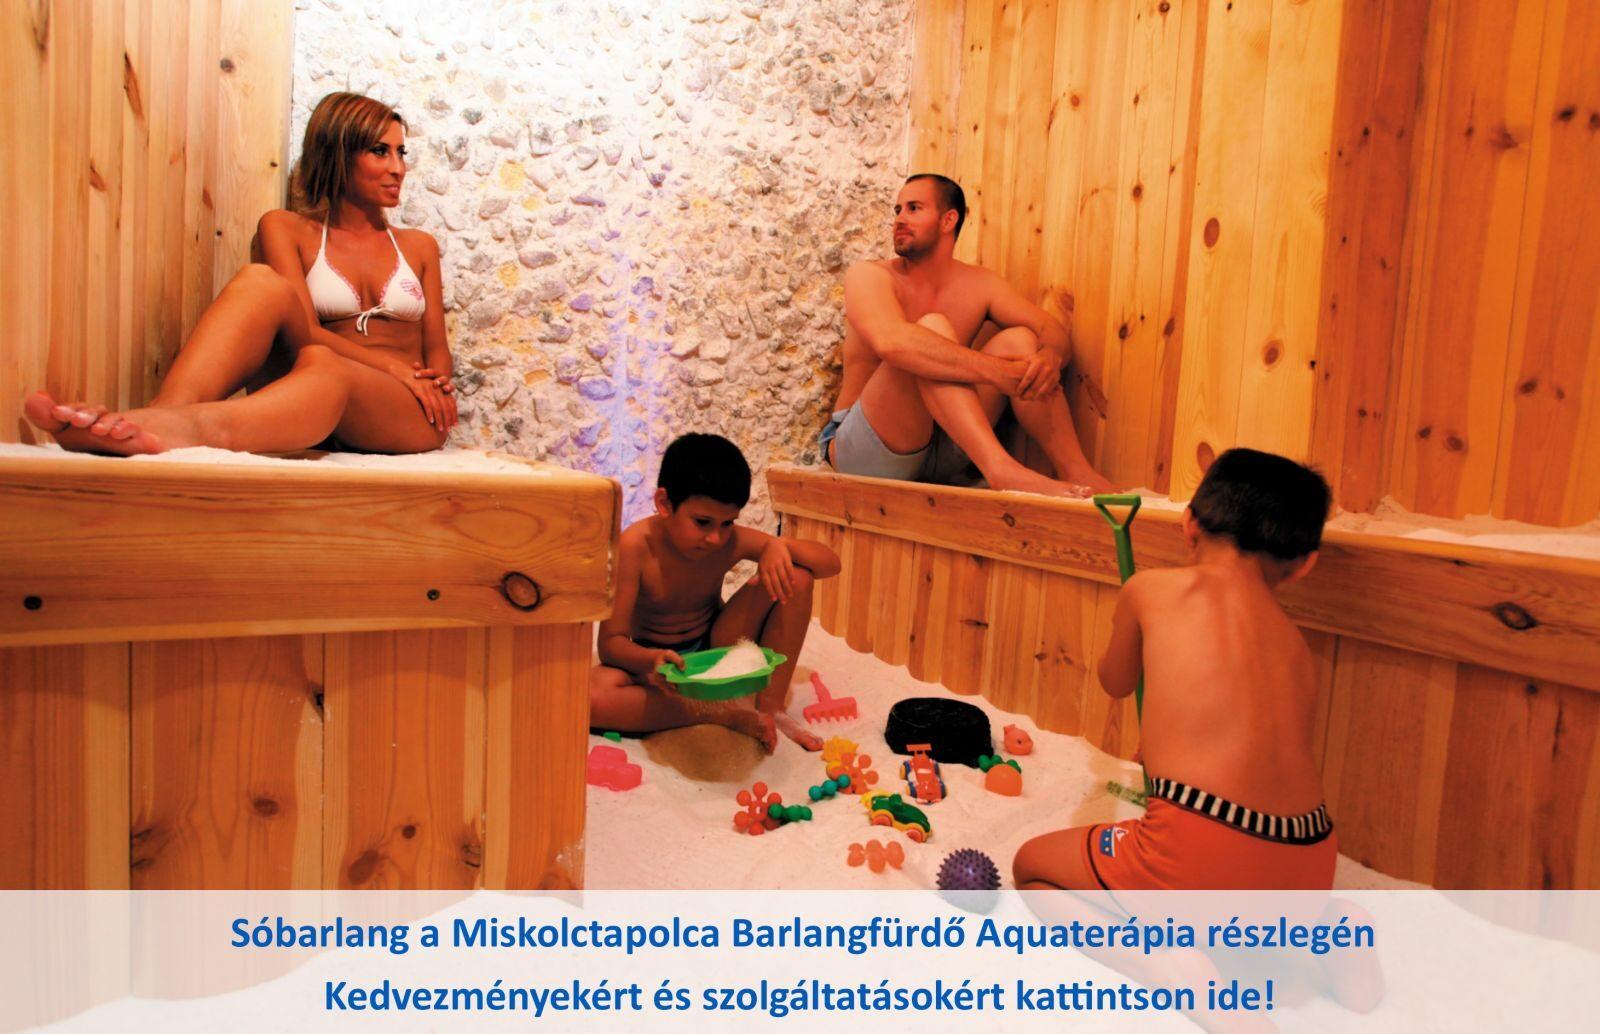 Miskolctapolca Barlangfürdő Aquaterápia